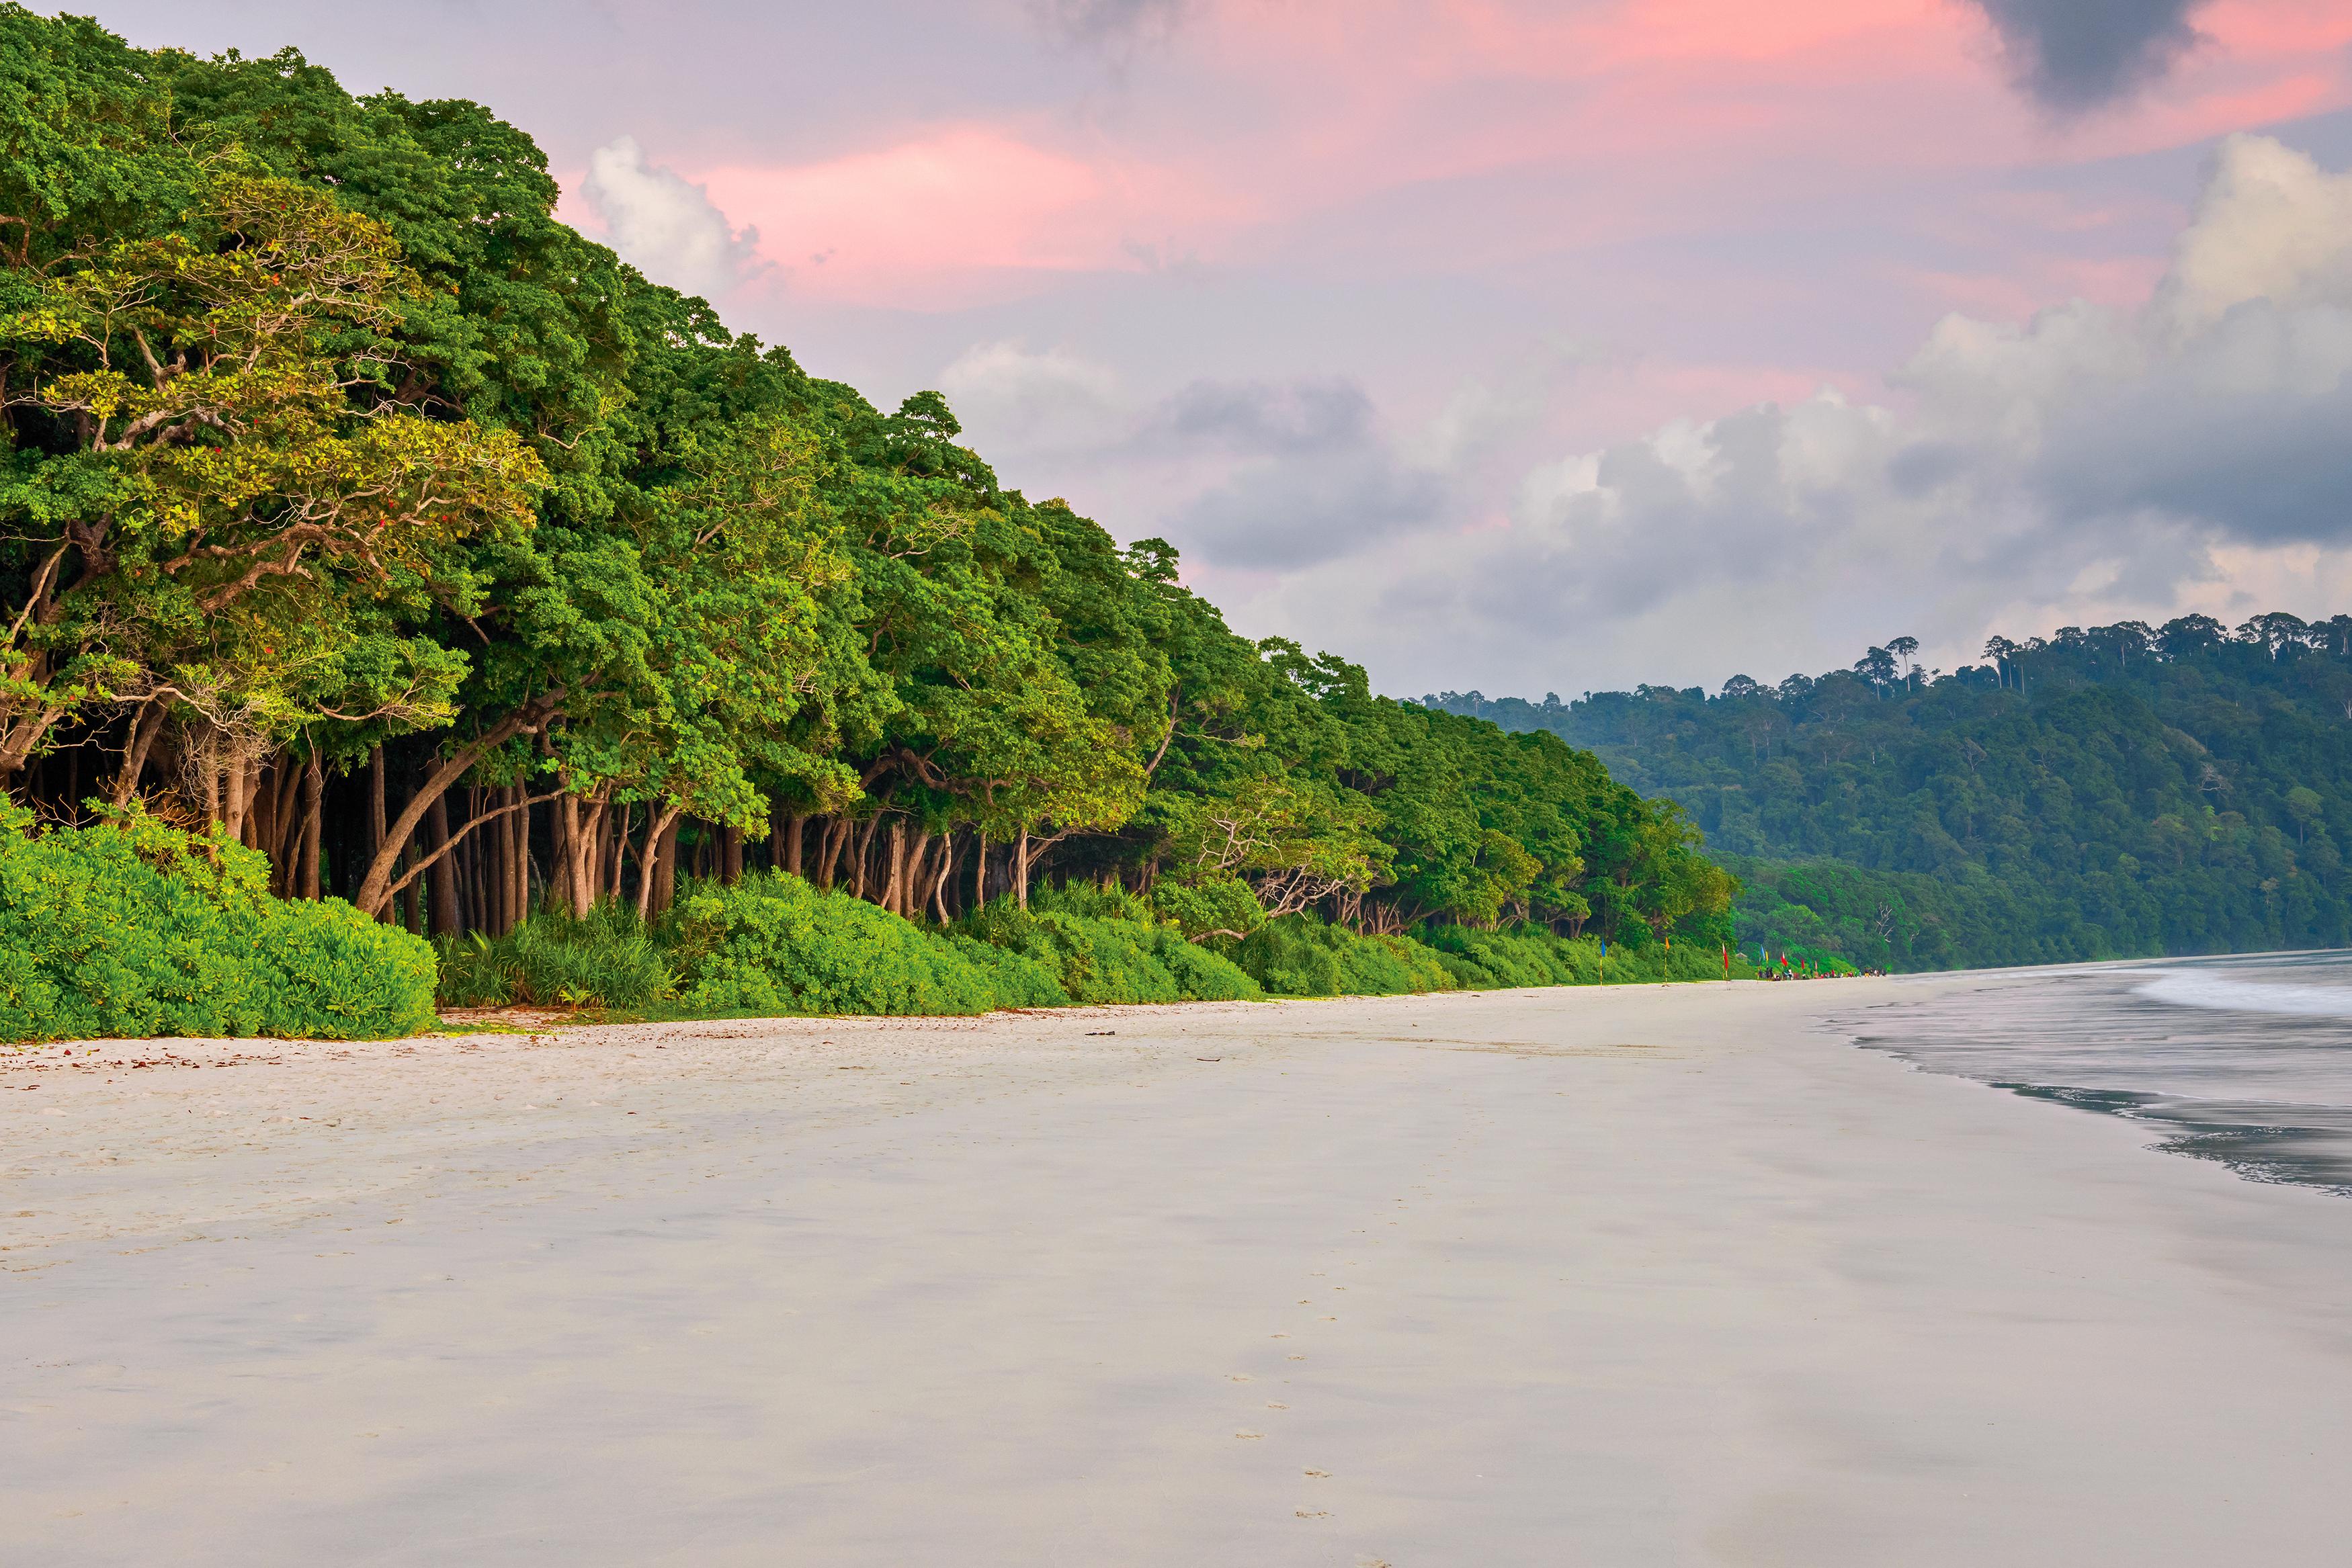 La playa de Radhanagar se encuentra en la hermosa isla de Havelock, la más grande de la cadena de islas que conforman el espectacular archipiélago de Andaman. Con su agua turquesa prístina, arena blanca cegadora y un telón de fondo salvaje y altísimo de la jungla, no es de extrañar que Radhanagar sea una de las playas más codiciadas